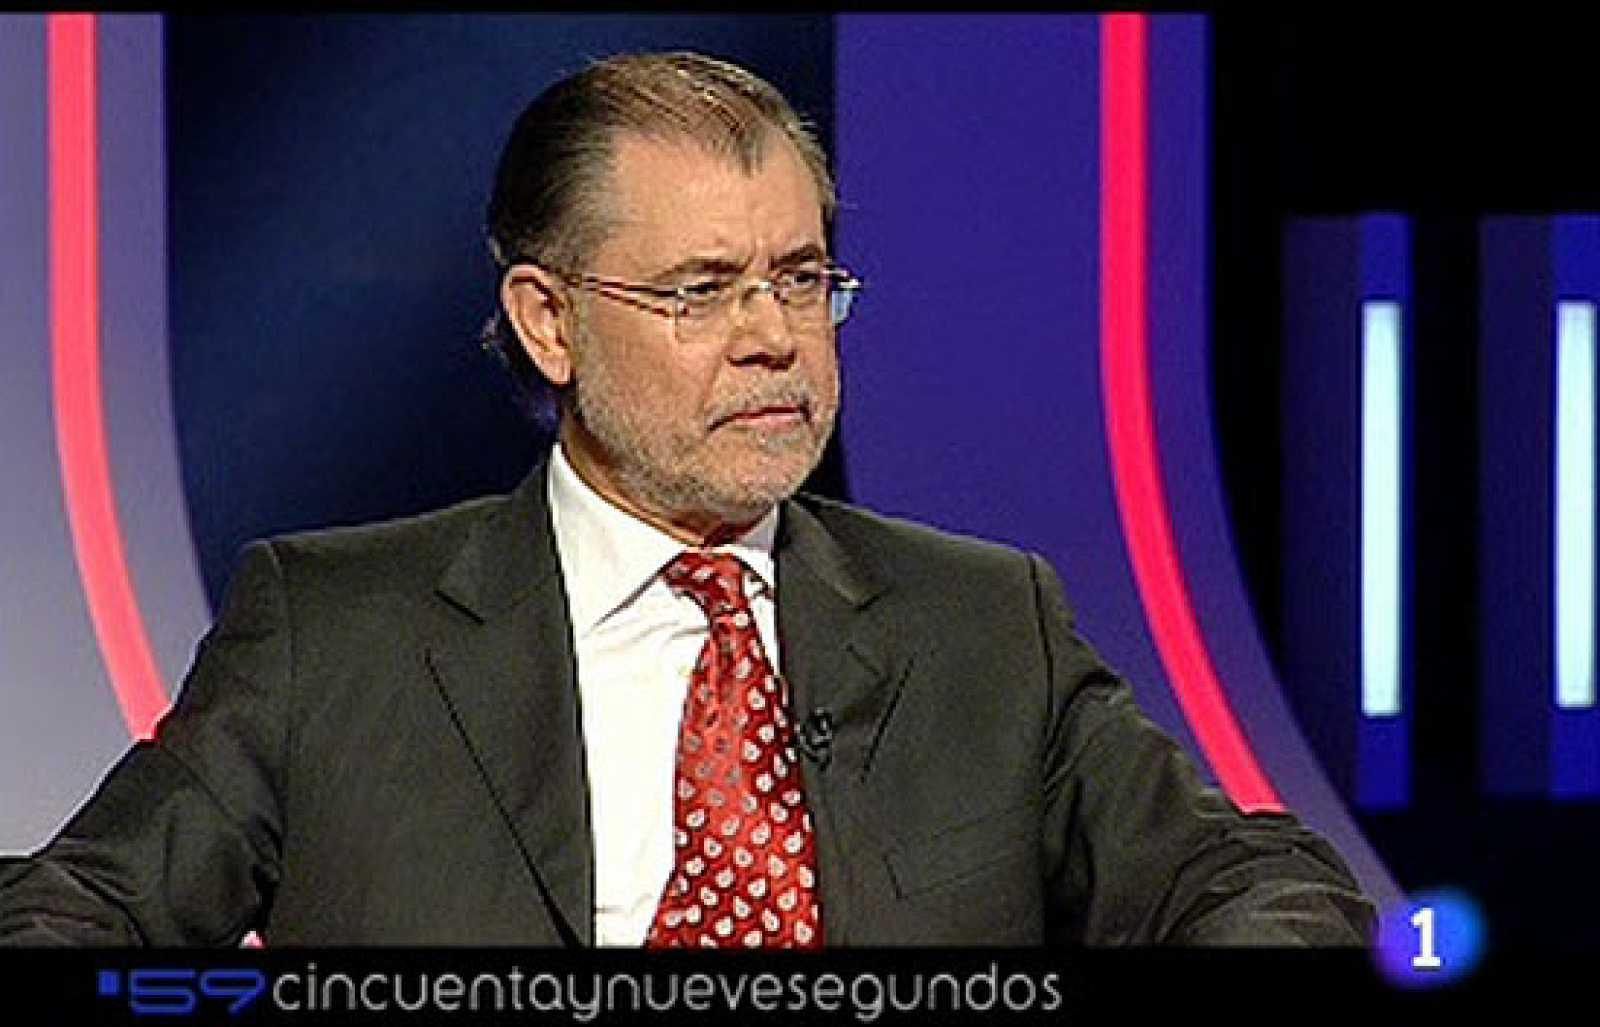 """El ministro de Justicia, Mariano Fernández Bermejo, ha sido entrevistado en el programa de TVE """"59 segundos"""" donde ha hablado de la presencia de ANV en los ayuntamientos vascos."""